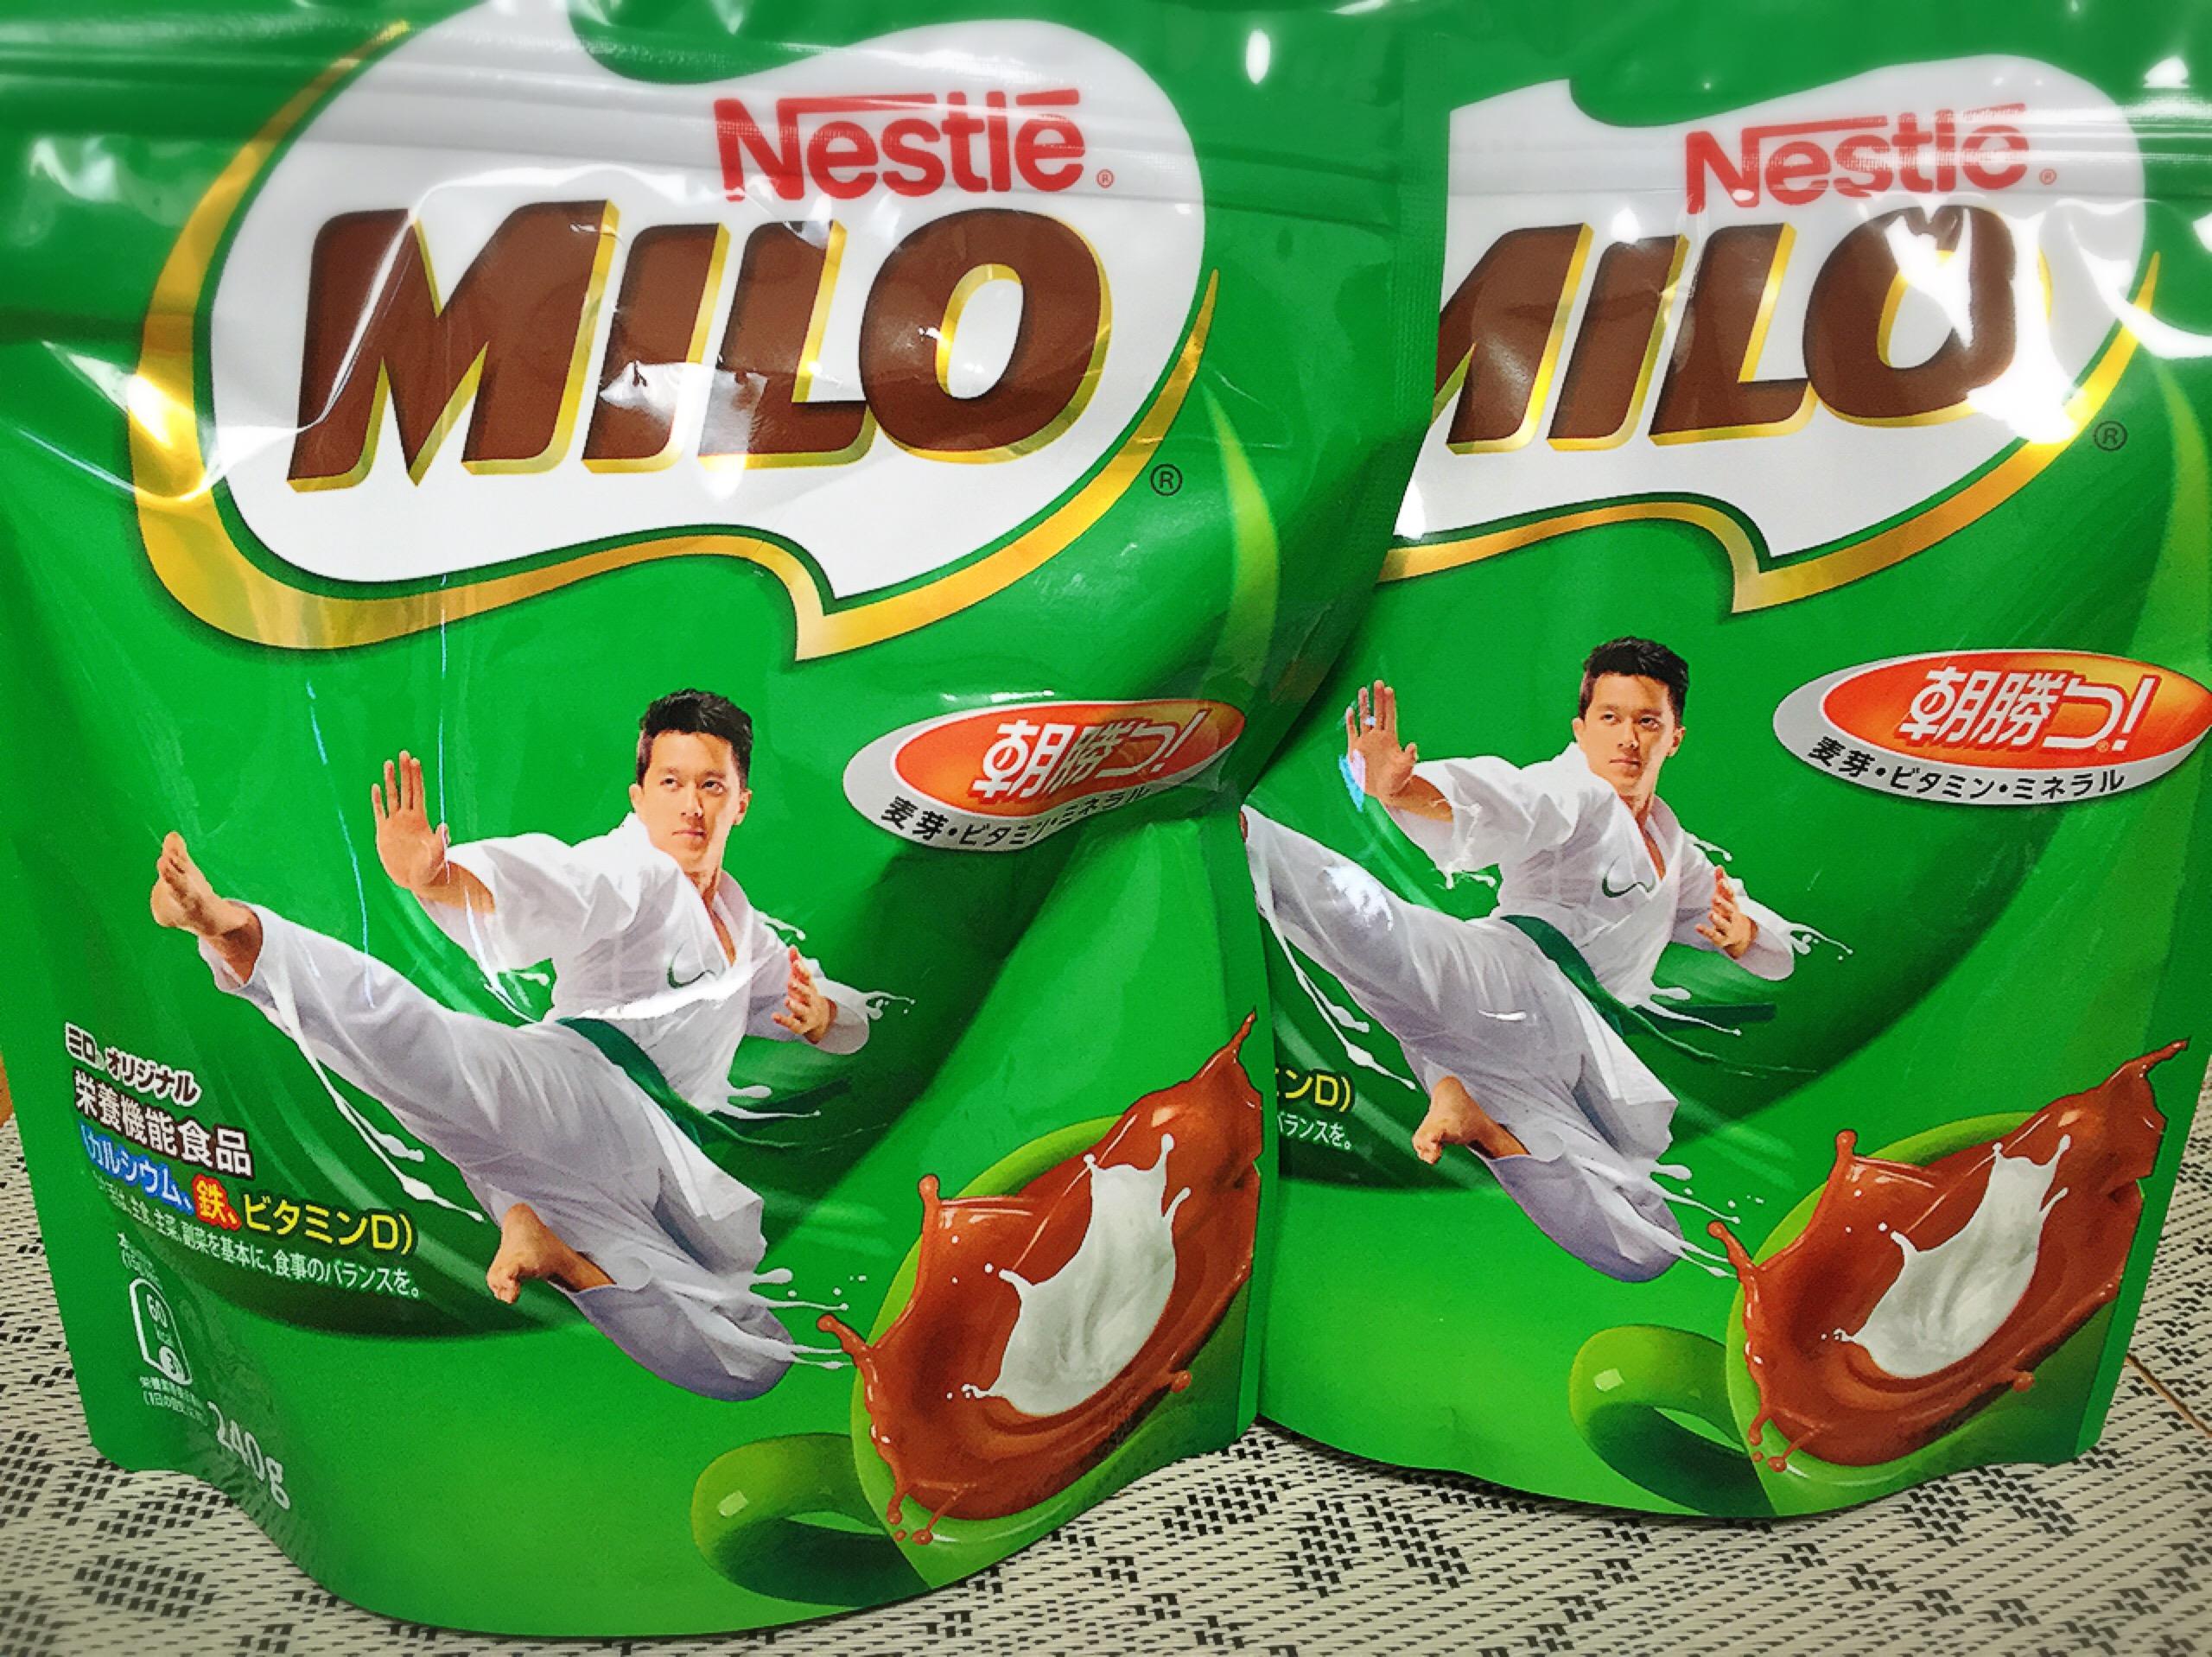 麦芽飲料『ネスレ ミロ』を試した感想